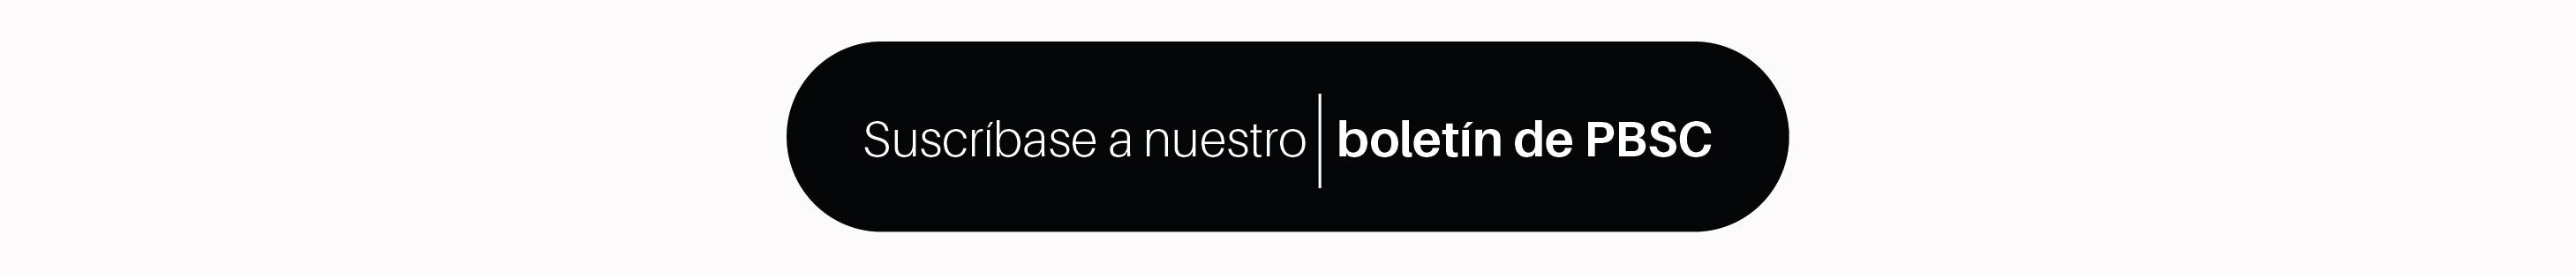 BoutonES-01.jpg (80 KB)